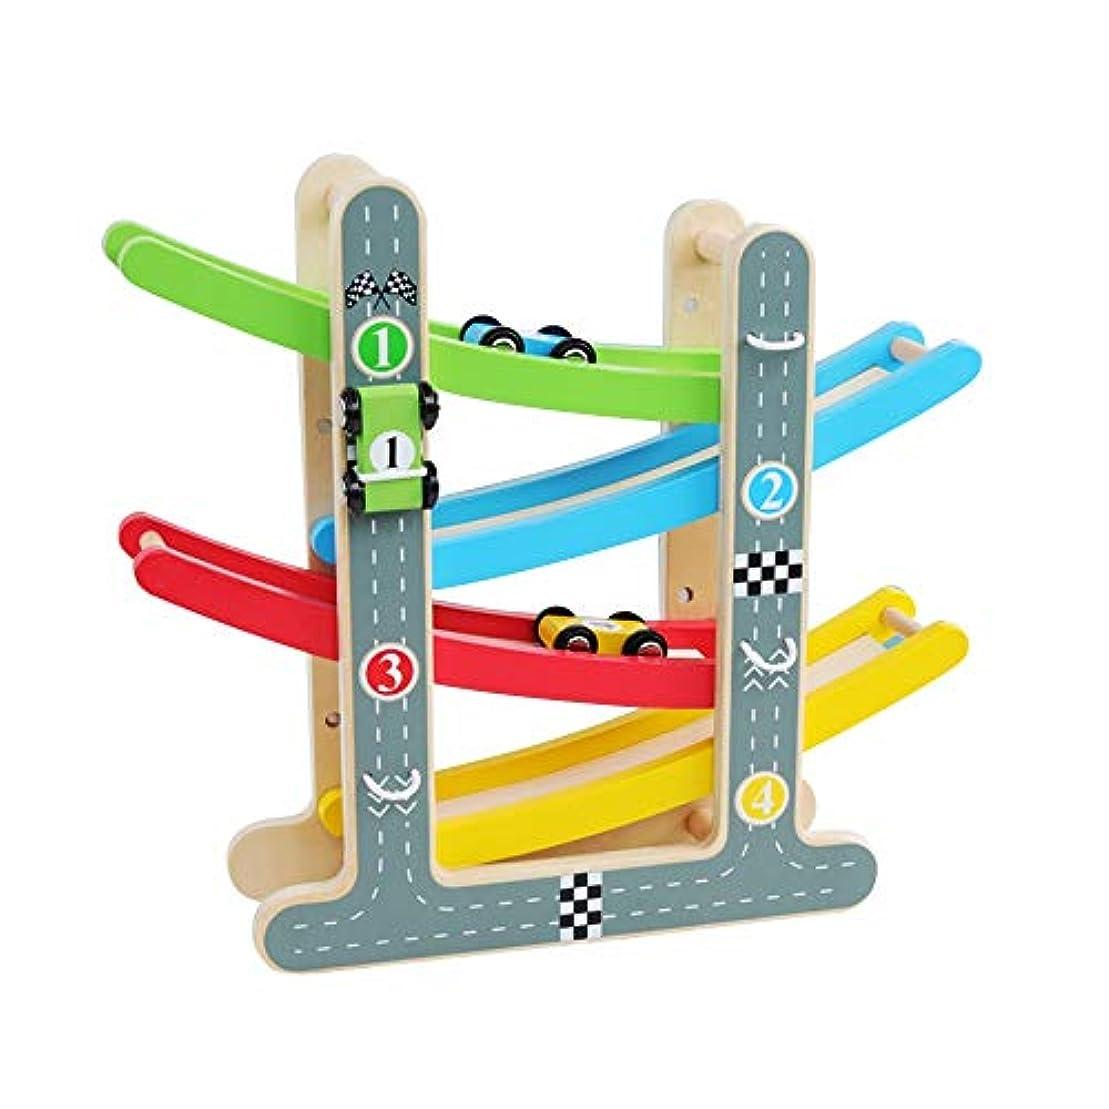 聴覚障害者手のひら検査官Xyanzi 子どもおもちゃ 幼児のおもちゃレーストラック、4台のミニカーとランプレーサーゲーム初期開発車両プレイセット玩具(サイズ:8.86